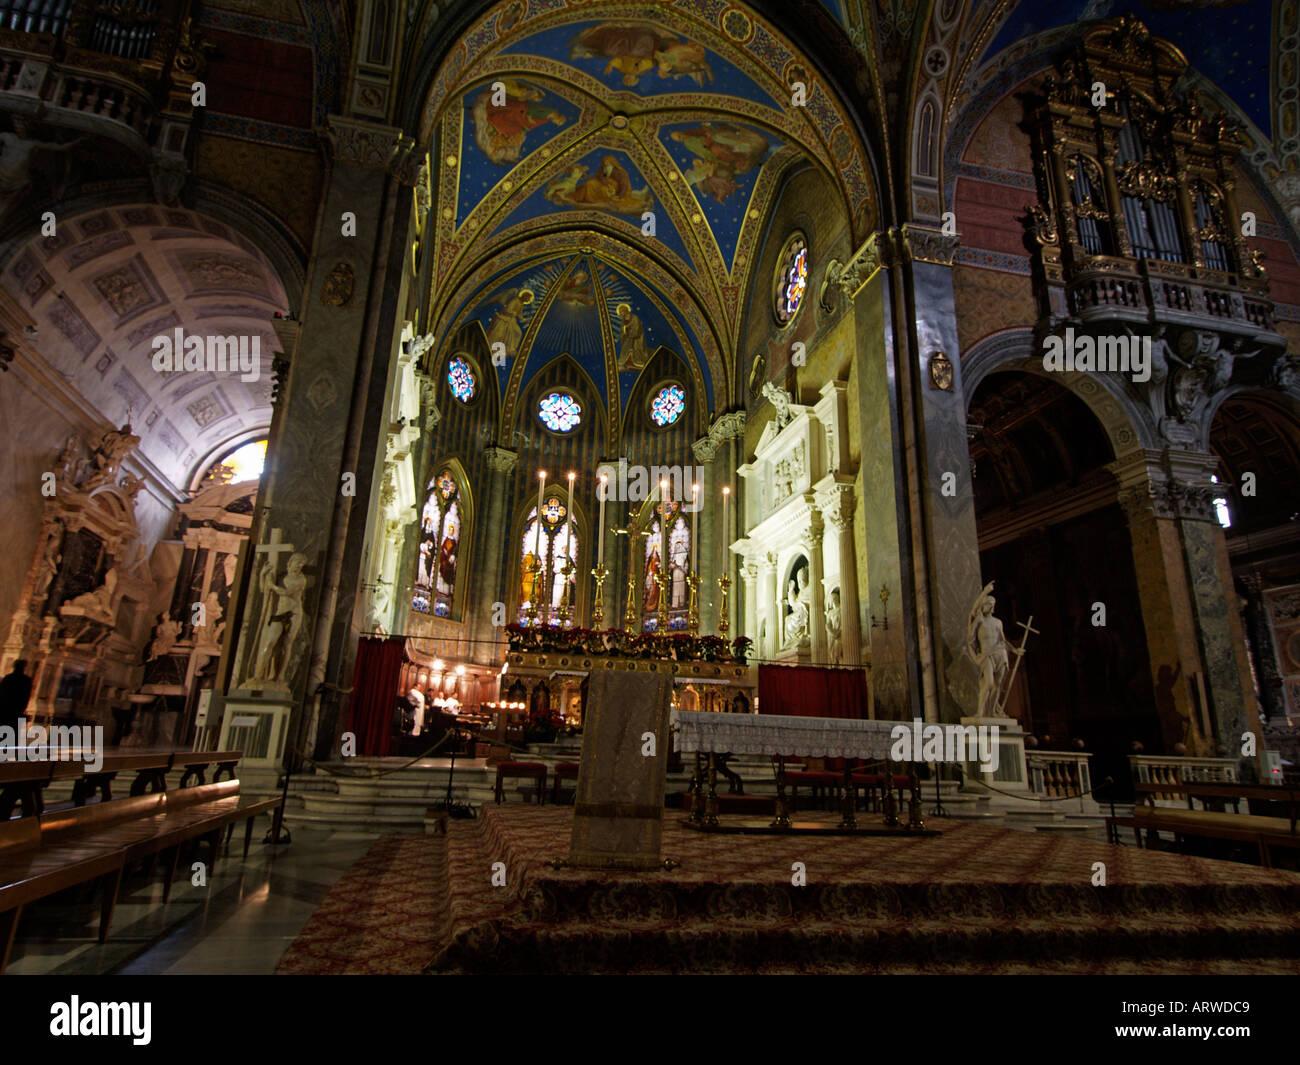 The lavishly decorated interior of the Santa Maria Sopra Minerva church on Piazza della Minerva in Rome Italy Stock Photo